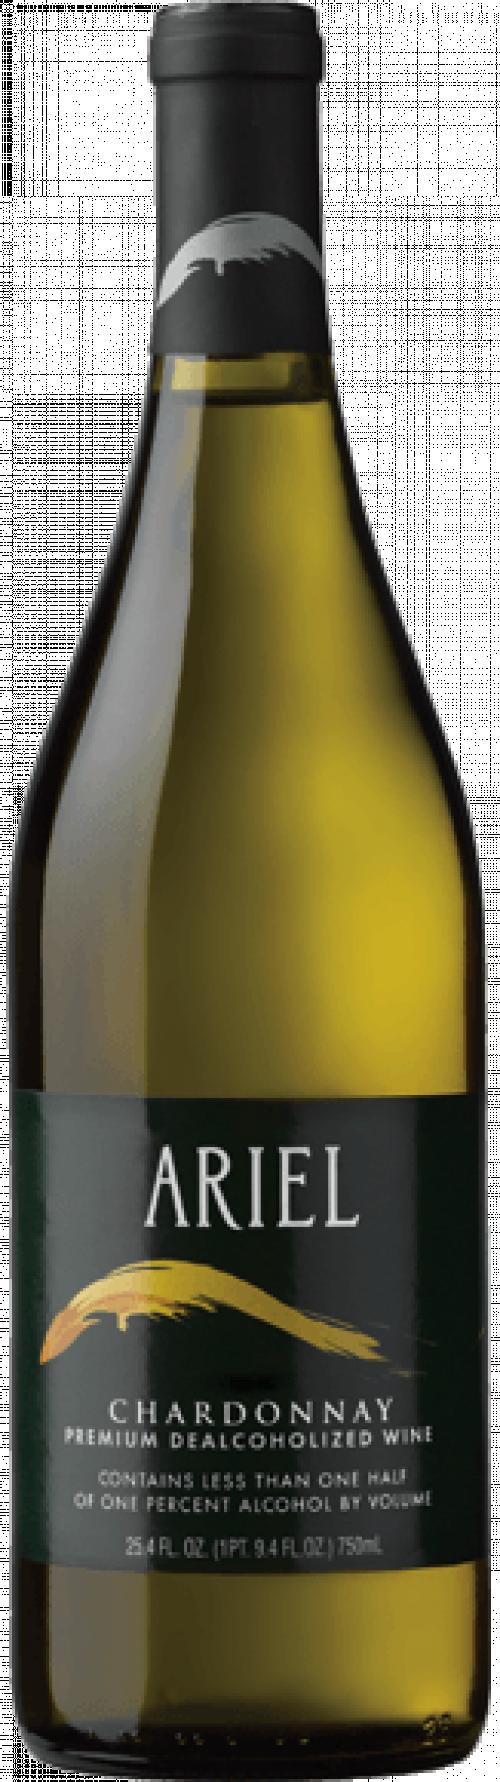 Ariel Chardonnay 750ml NV